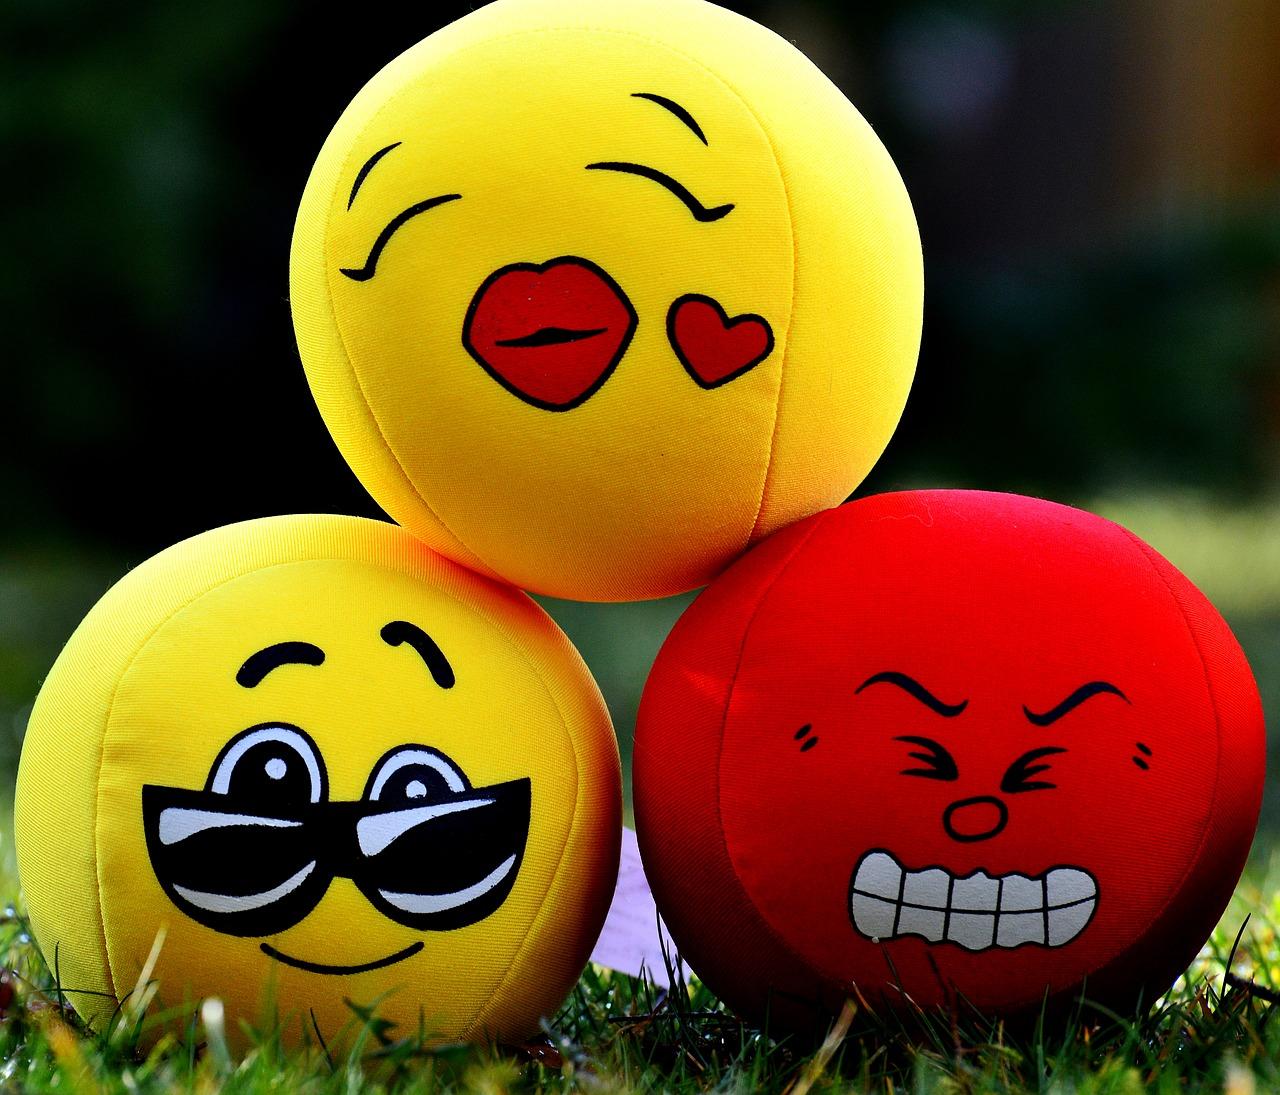 Les enceintes bluetooth smiley, une dose de bonne humeur !